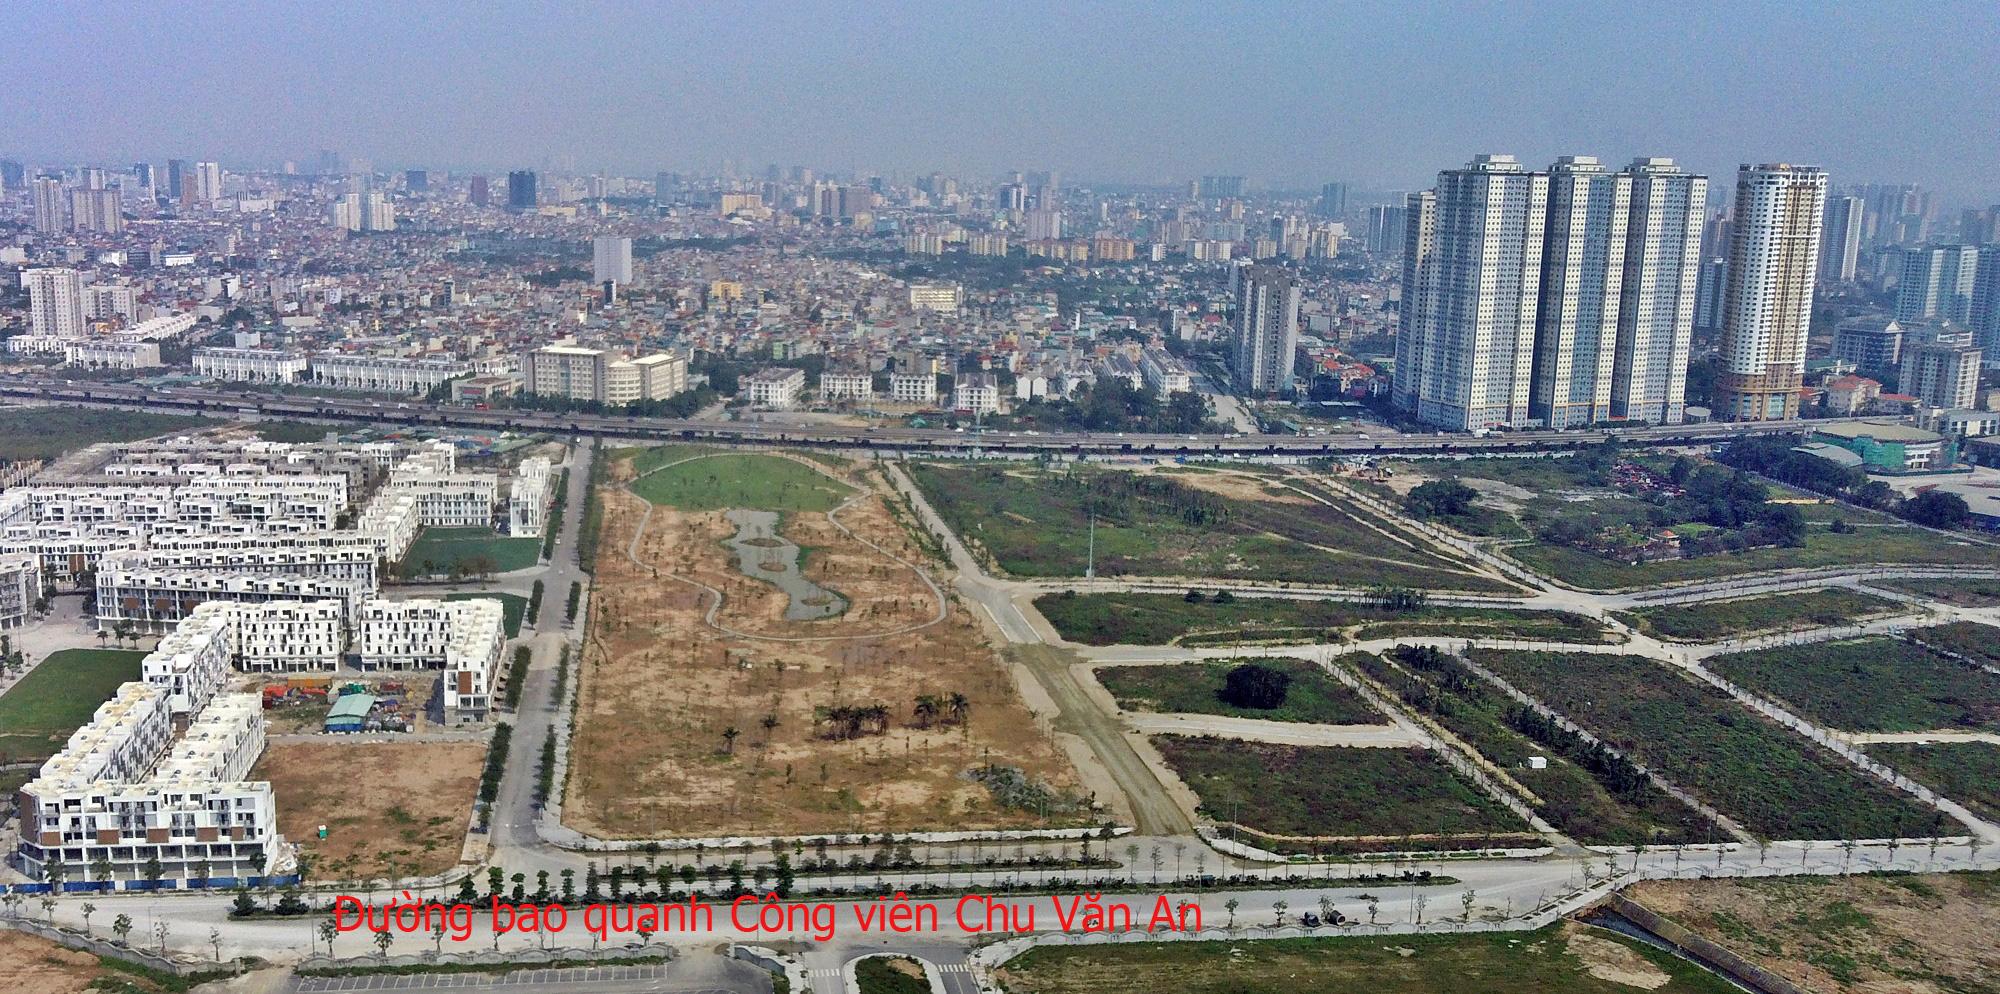 Toàn cảnh công viên Chu Văn An và những dự án hưởng lợi - Ảnh 16.